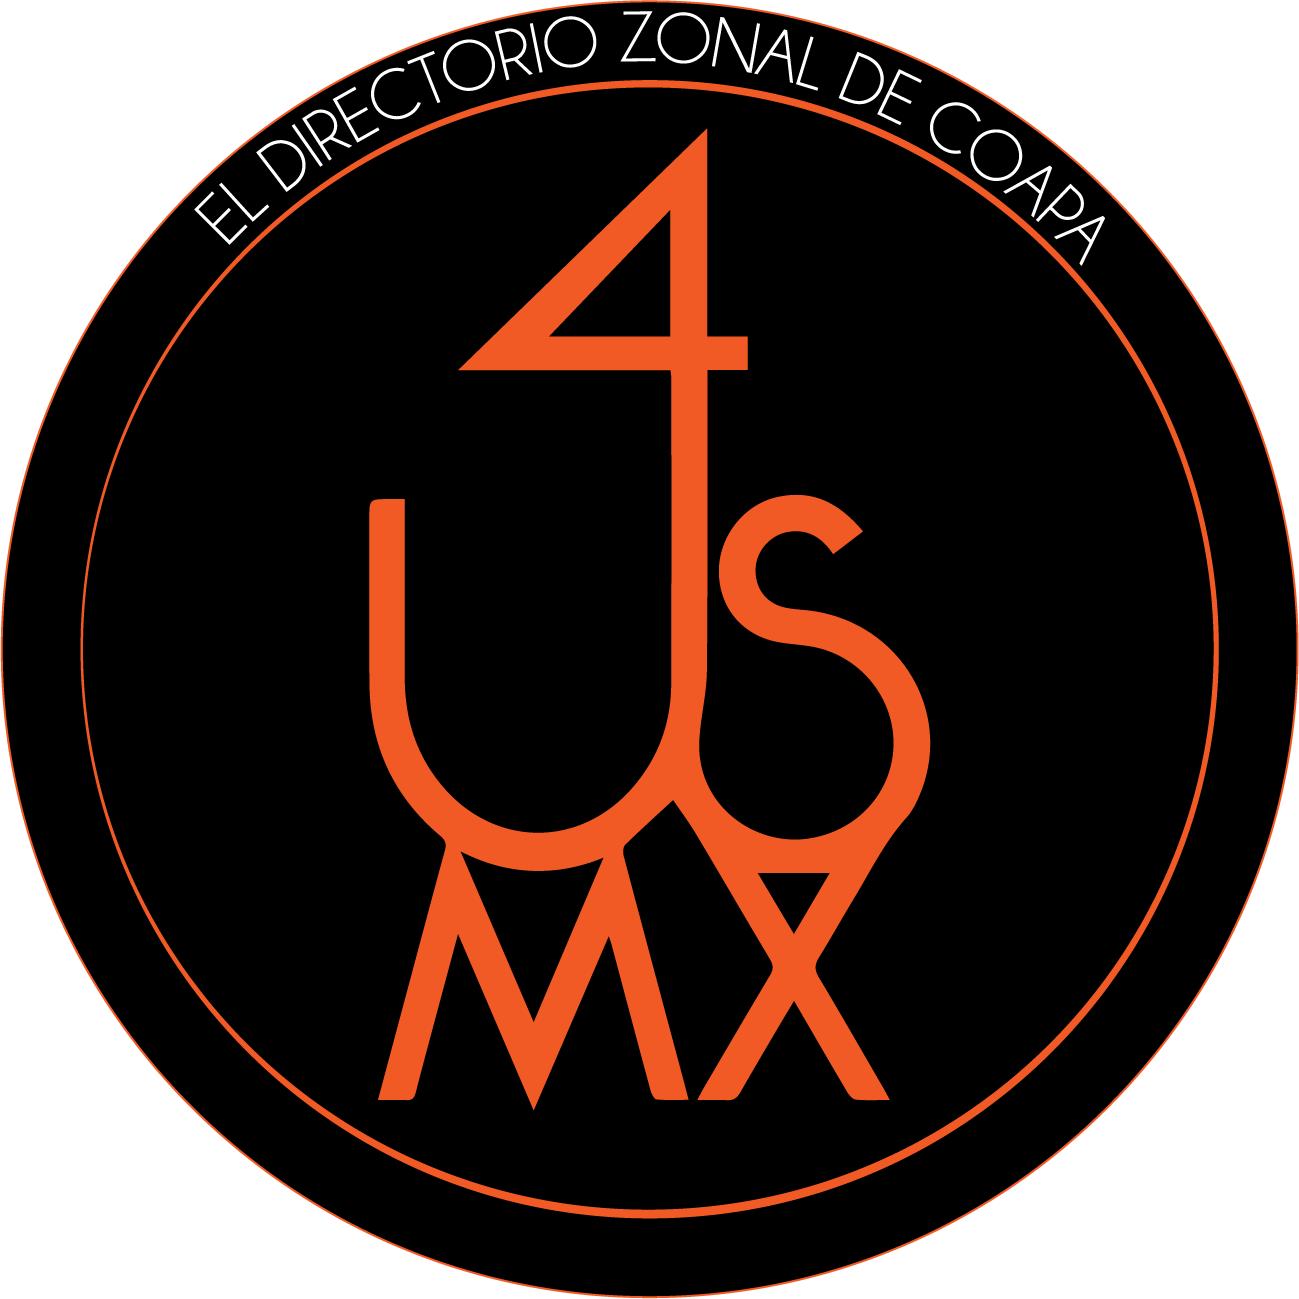 4usMX